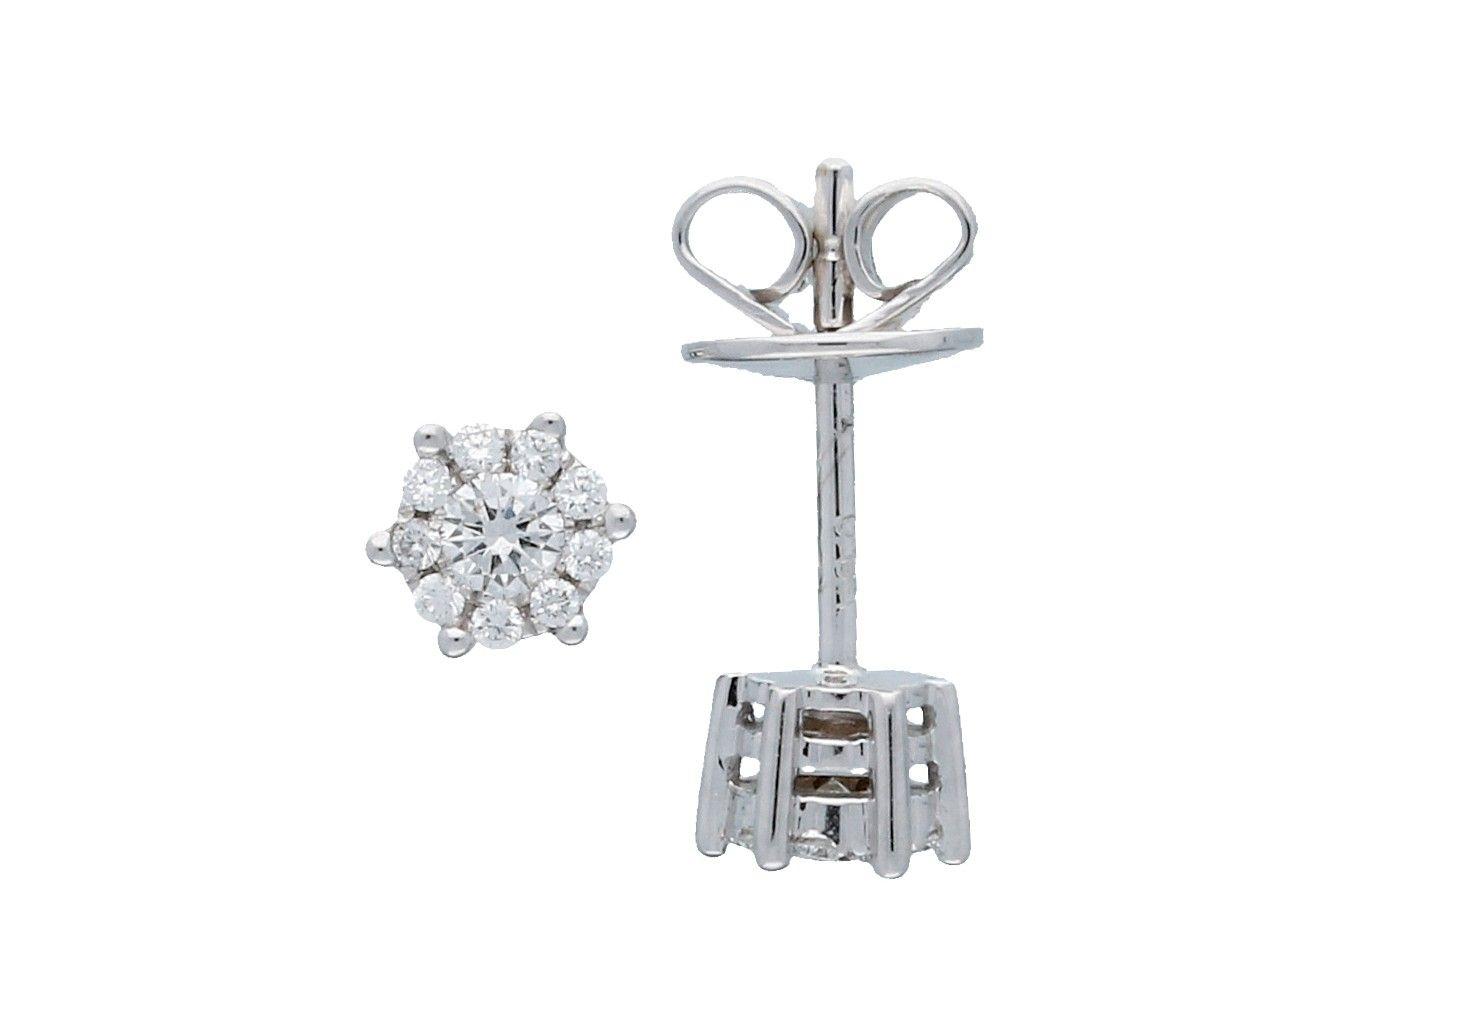 Glow Witgouden Solitaire Oorknopjes Diamant 0.18ct Gh/si3 206.3023.00. Prachtige witgouden oorbellen met elk een diamantje. Gemaakt van het beste 14-karaats goud. Gaan een leven lang mee. Bij het opnieuw erin doen even de velugels van de pouchette aandrukken zodat deze weer stevig op de oorbel aansluit. De diamantjes zijn Brilliant geslepen.